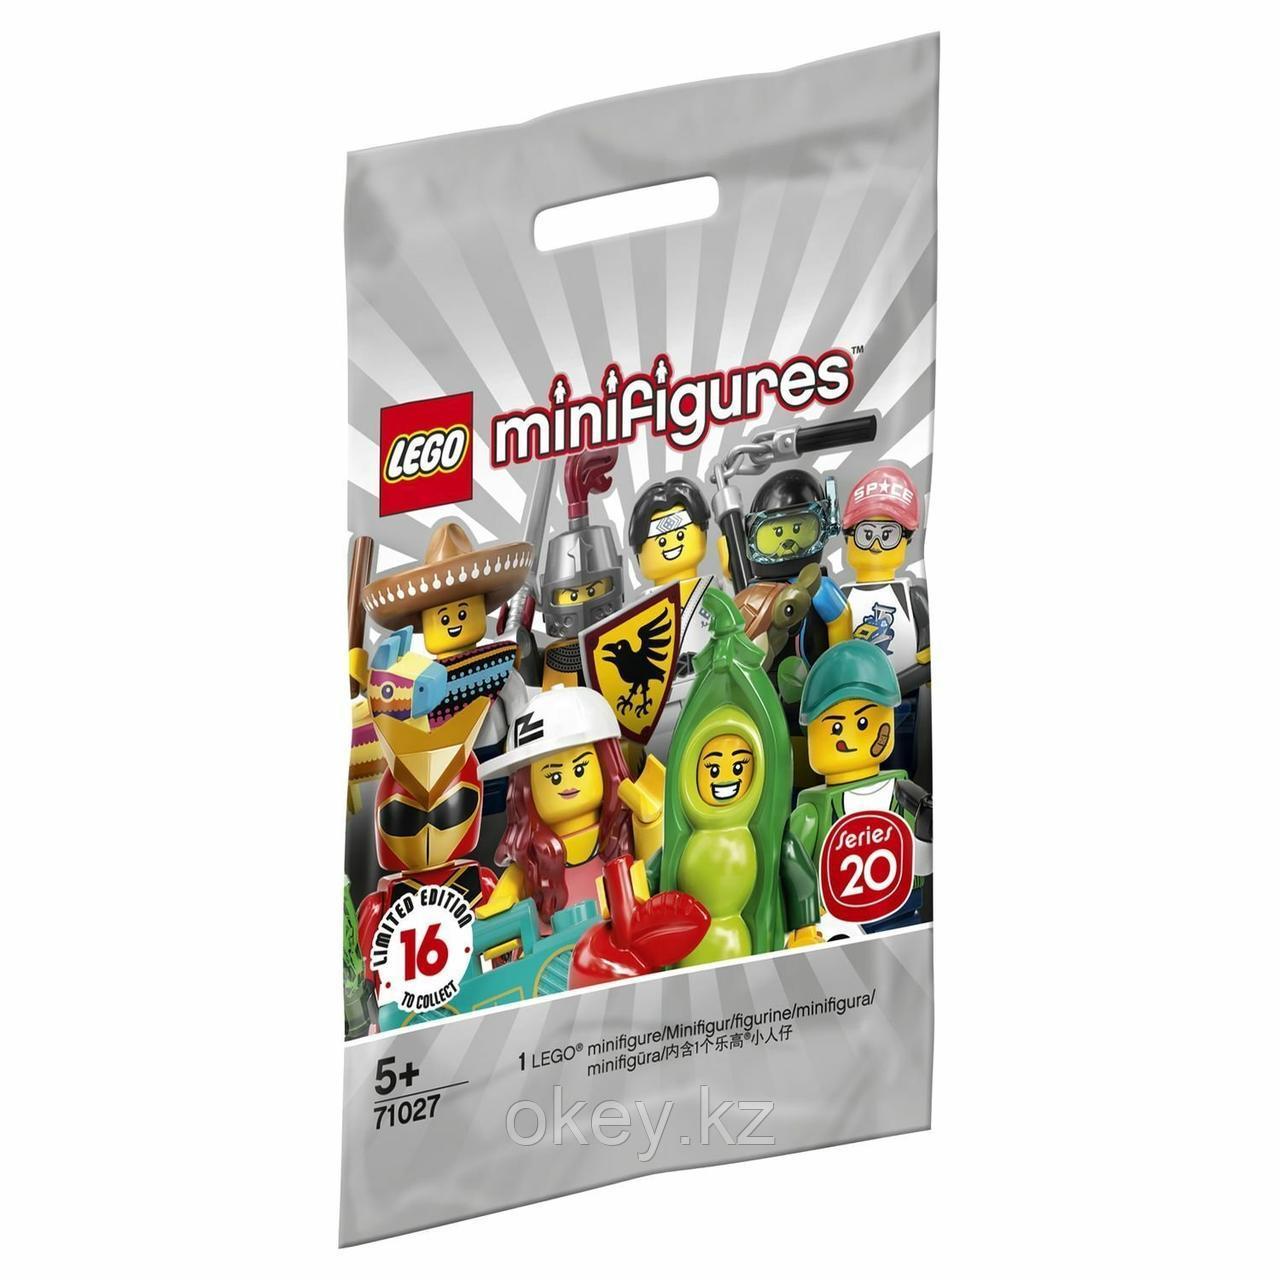 LEGO Minifigures: Серия 20 71027